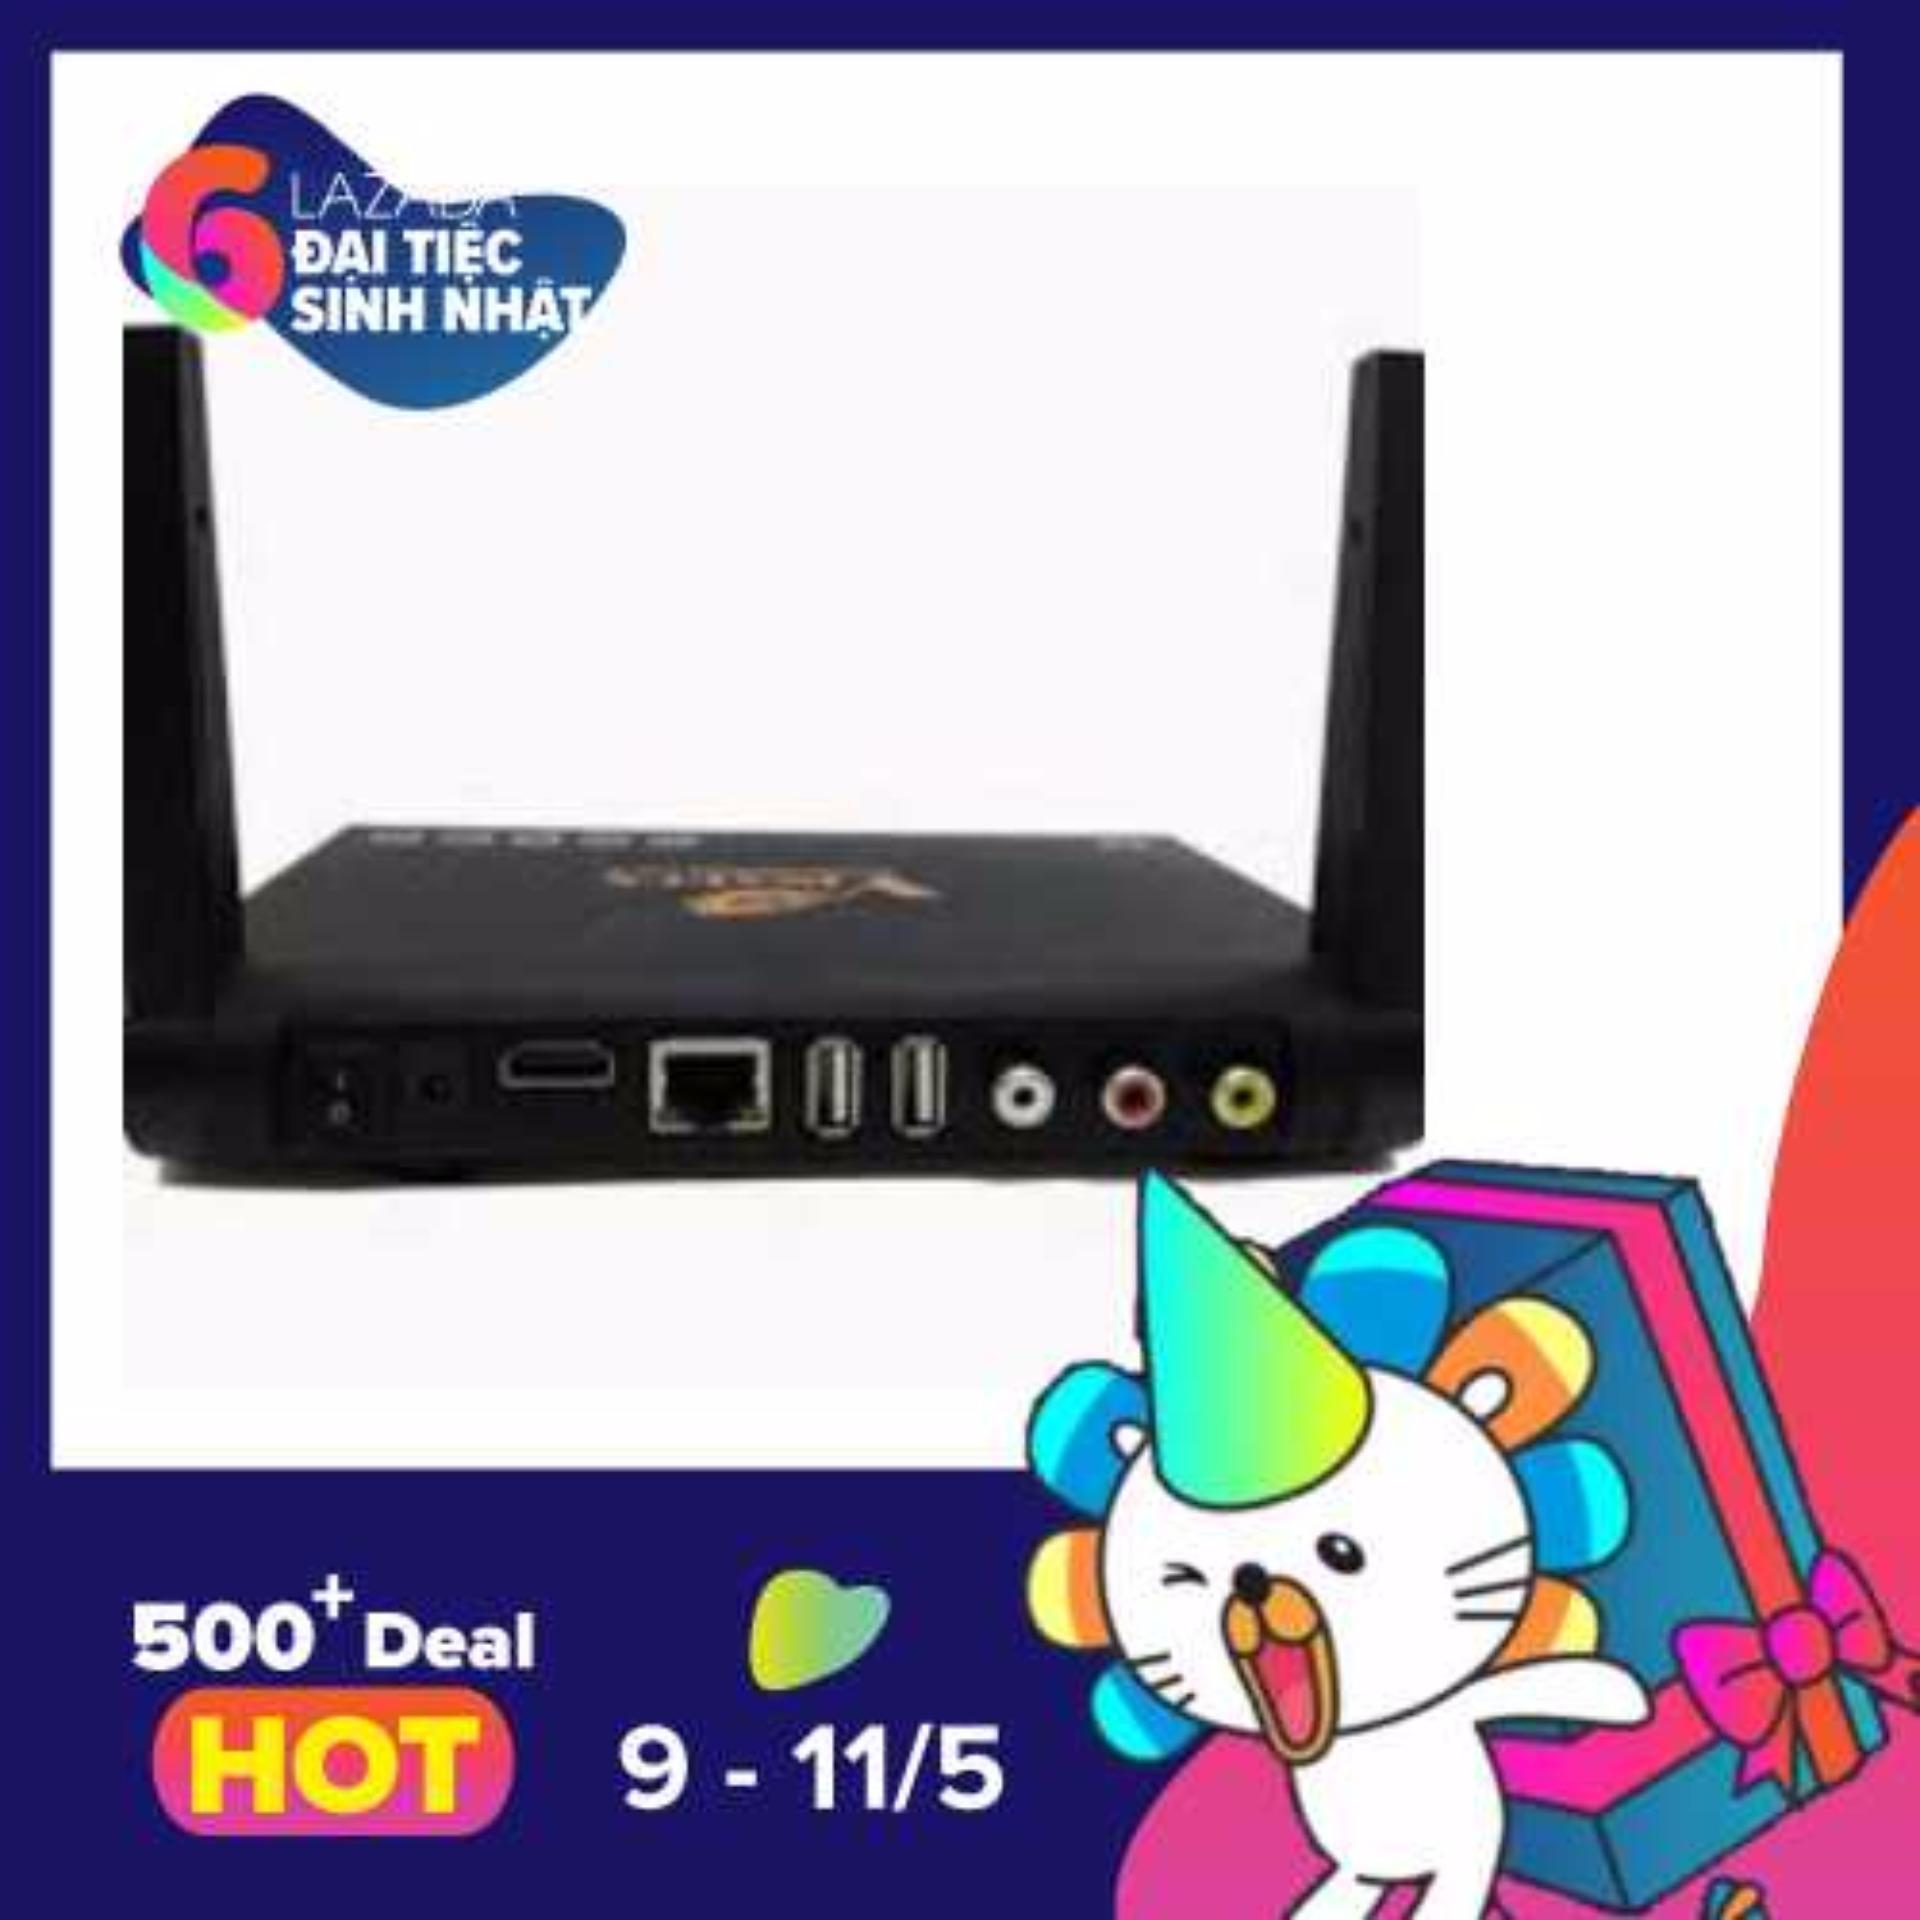 Giá Bán Android Tv Box Vinabox X9 Ram 2G Androi 6 Kem Chuột Khong Day Trị Gia 180K Nguyên